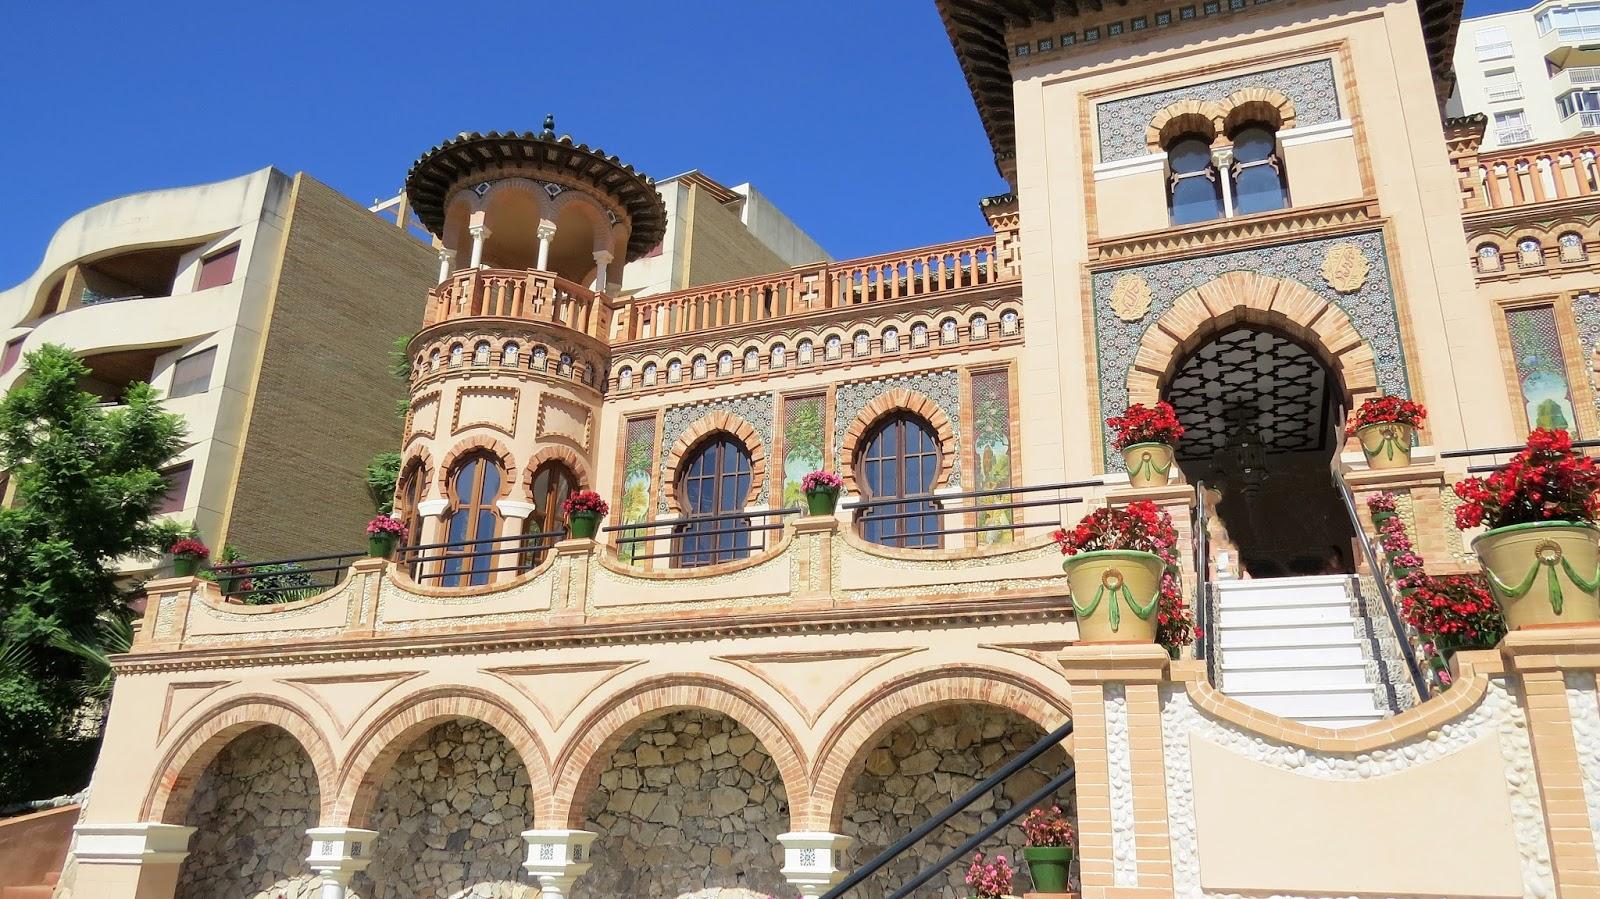 Notas cordobesas casa de los navajas en torremolinos ii - Casas en torremolinos ...